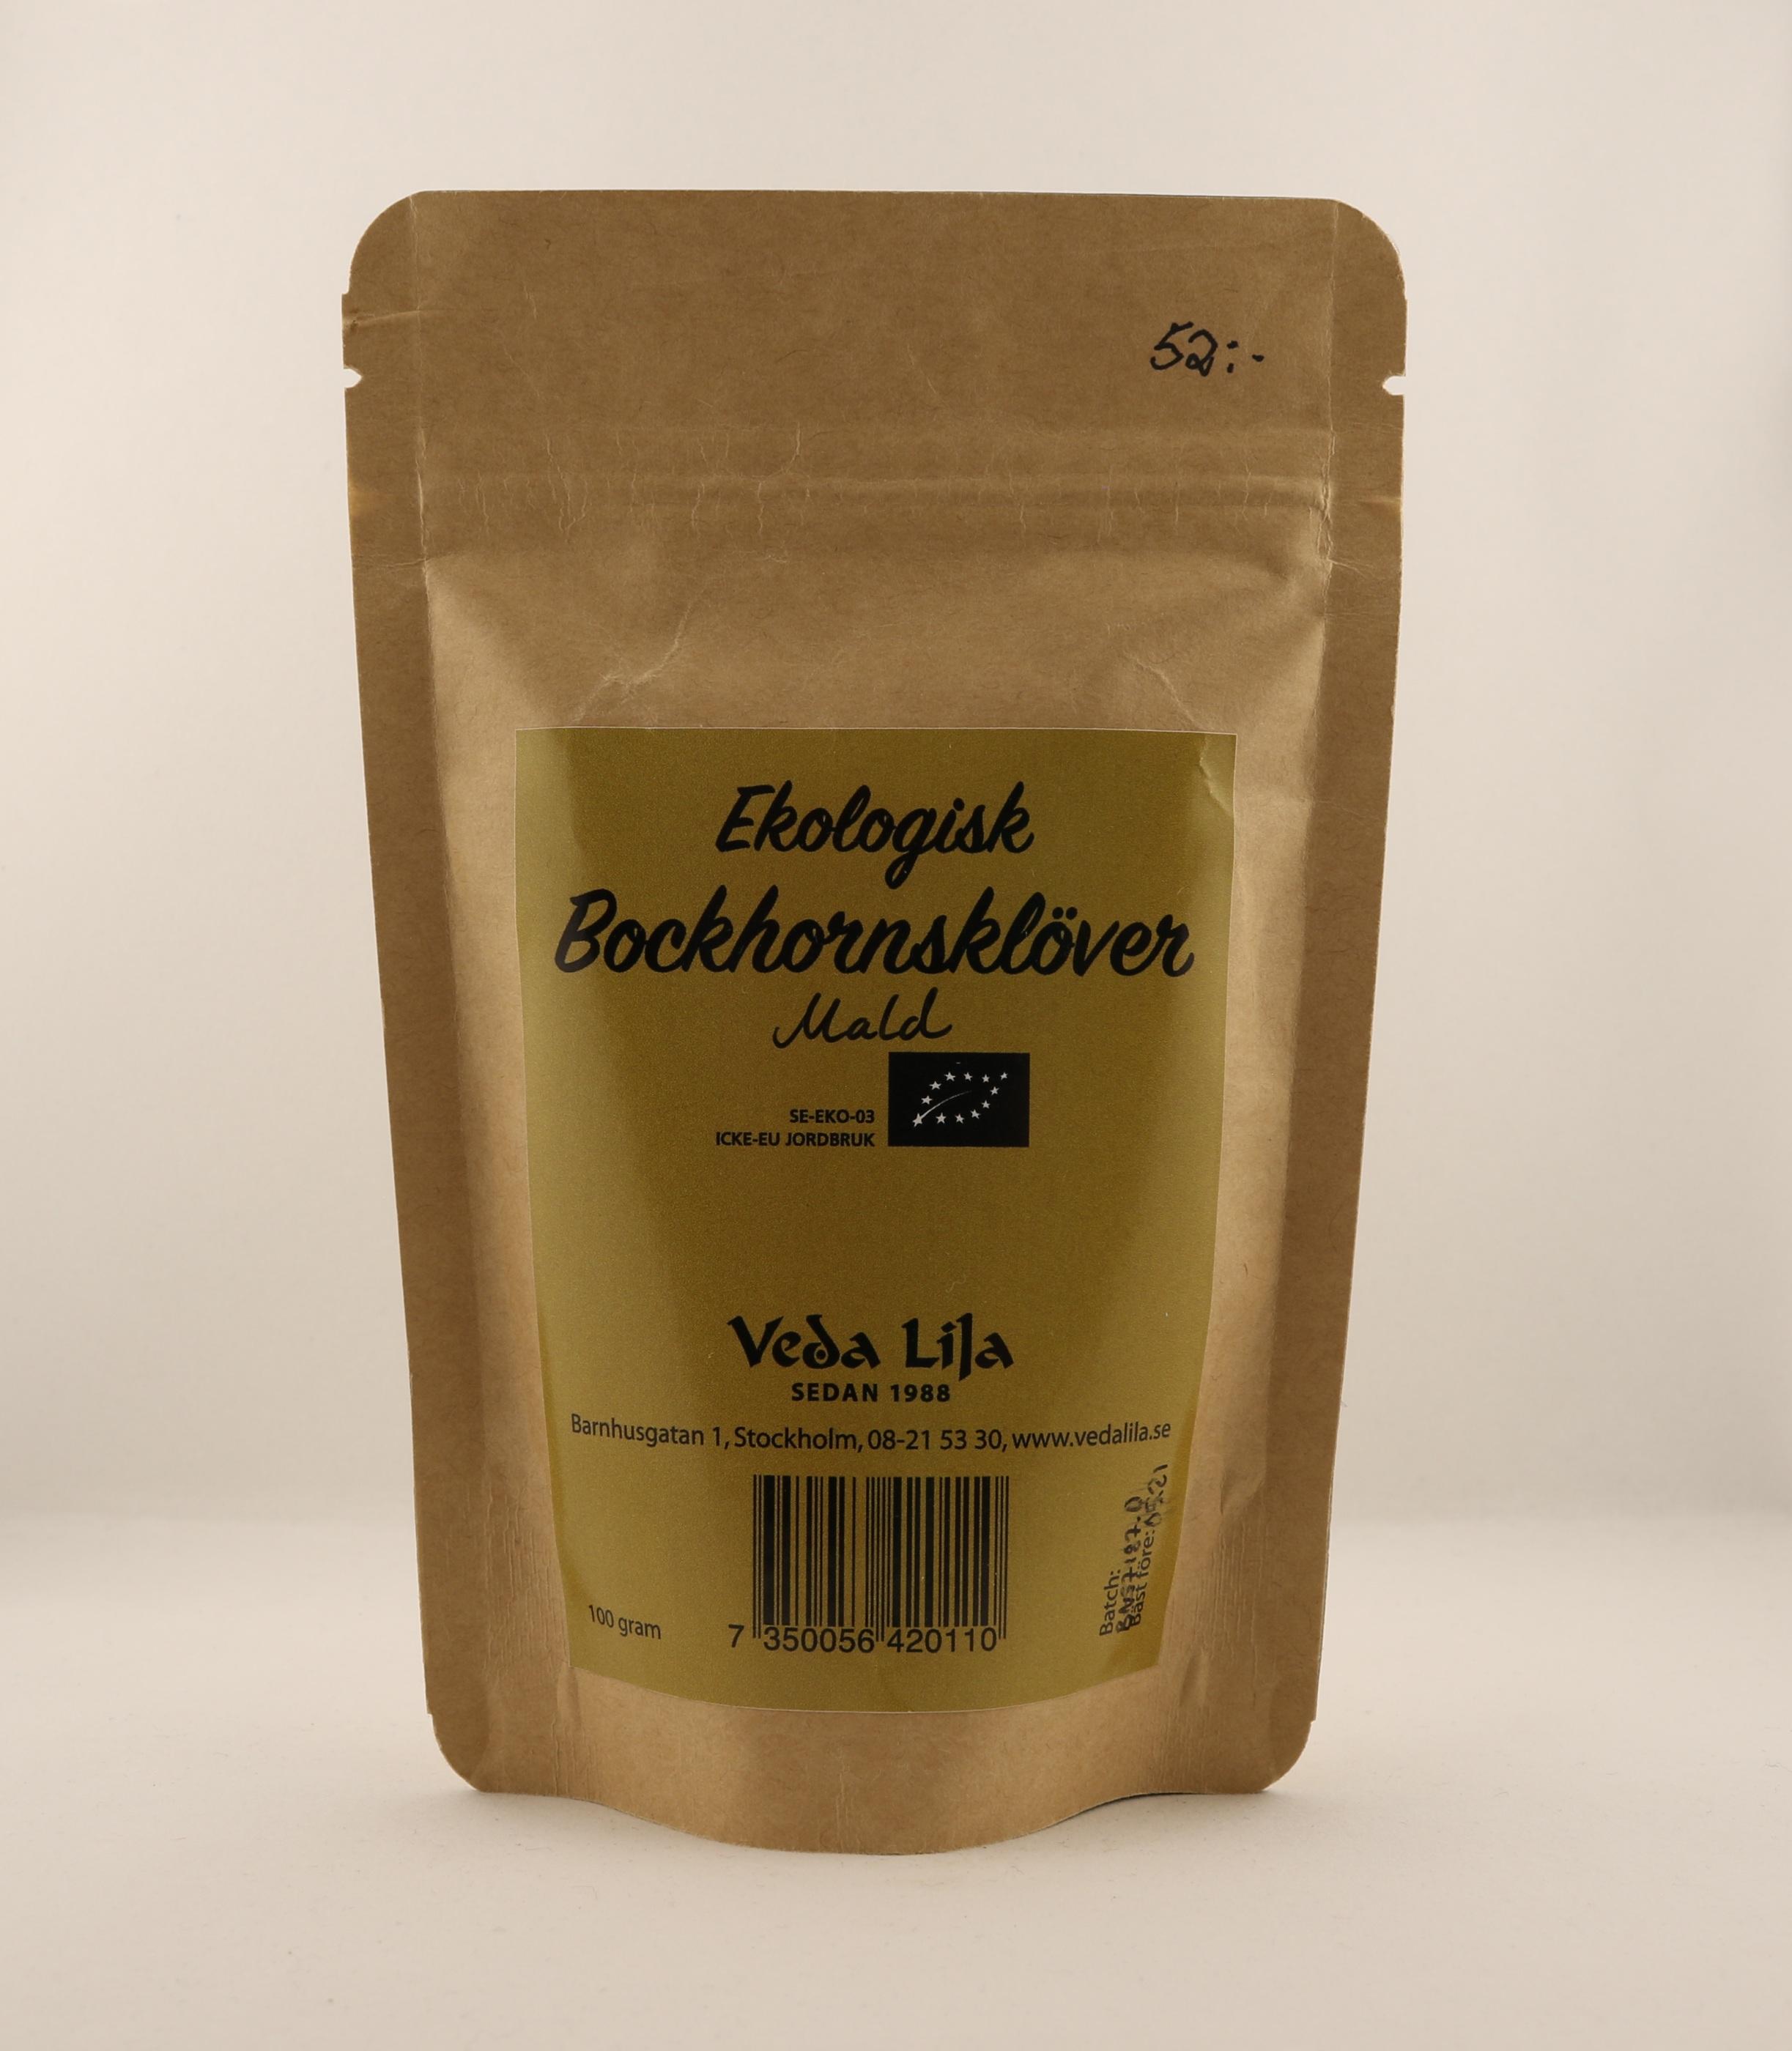 Bockhornsklöver mald holistisk alternativ örttillskott kosttillskott homeopati hälsa